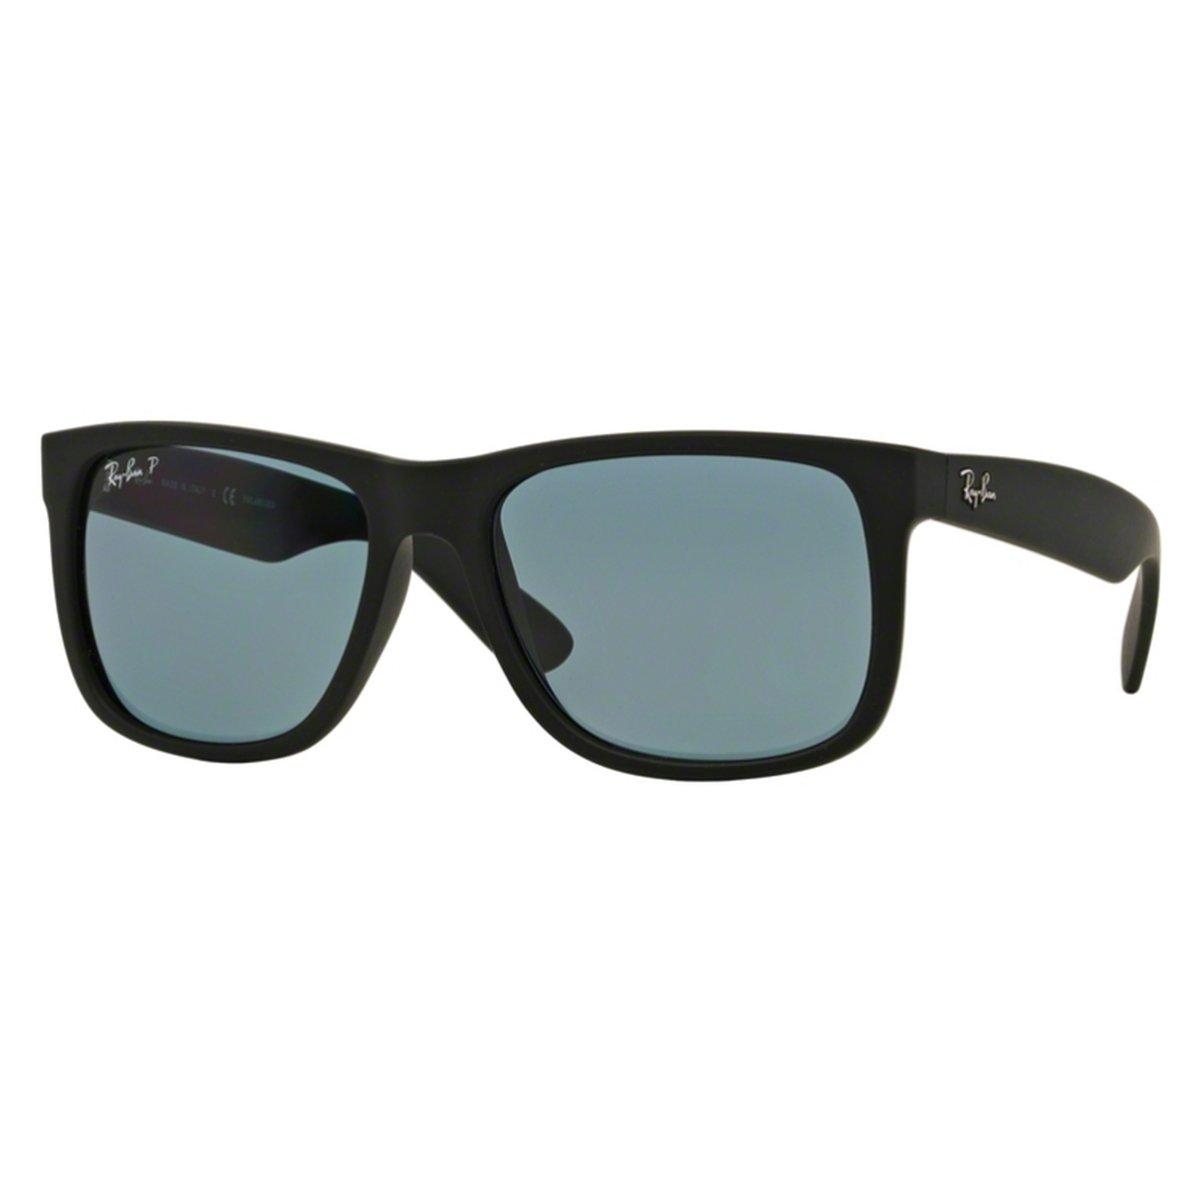 8a2f1e17f Óculos de Sol Ray Ban Justin RB4165 | Tri Jóia Shop